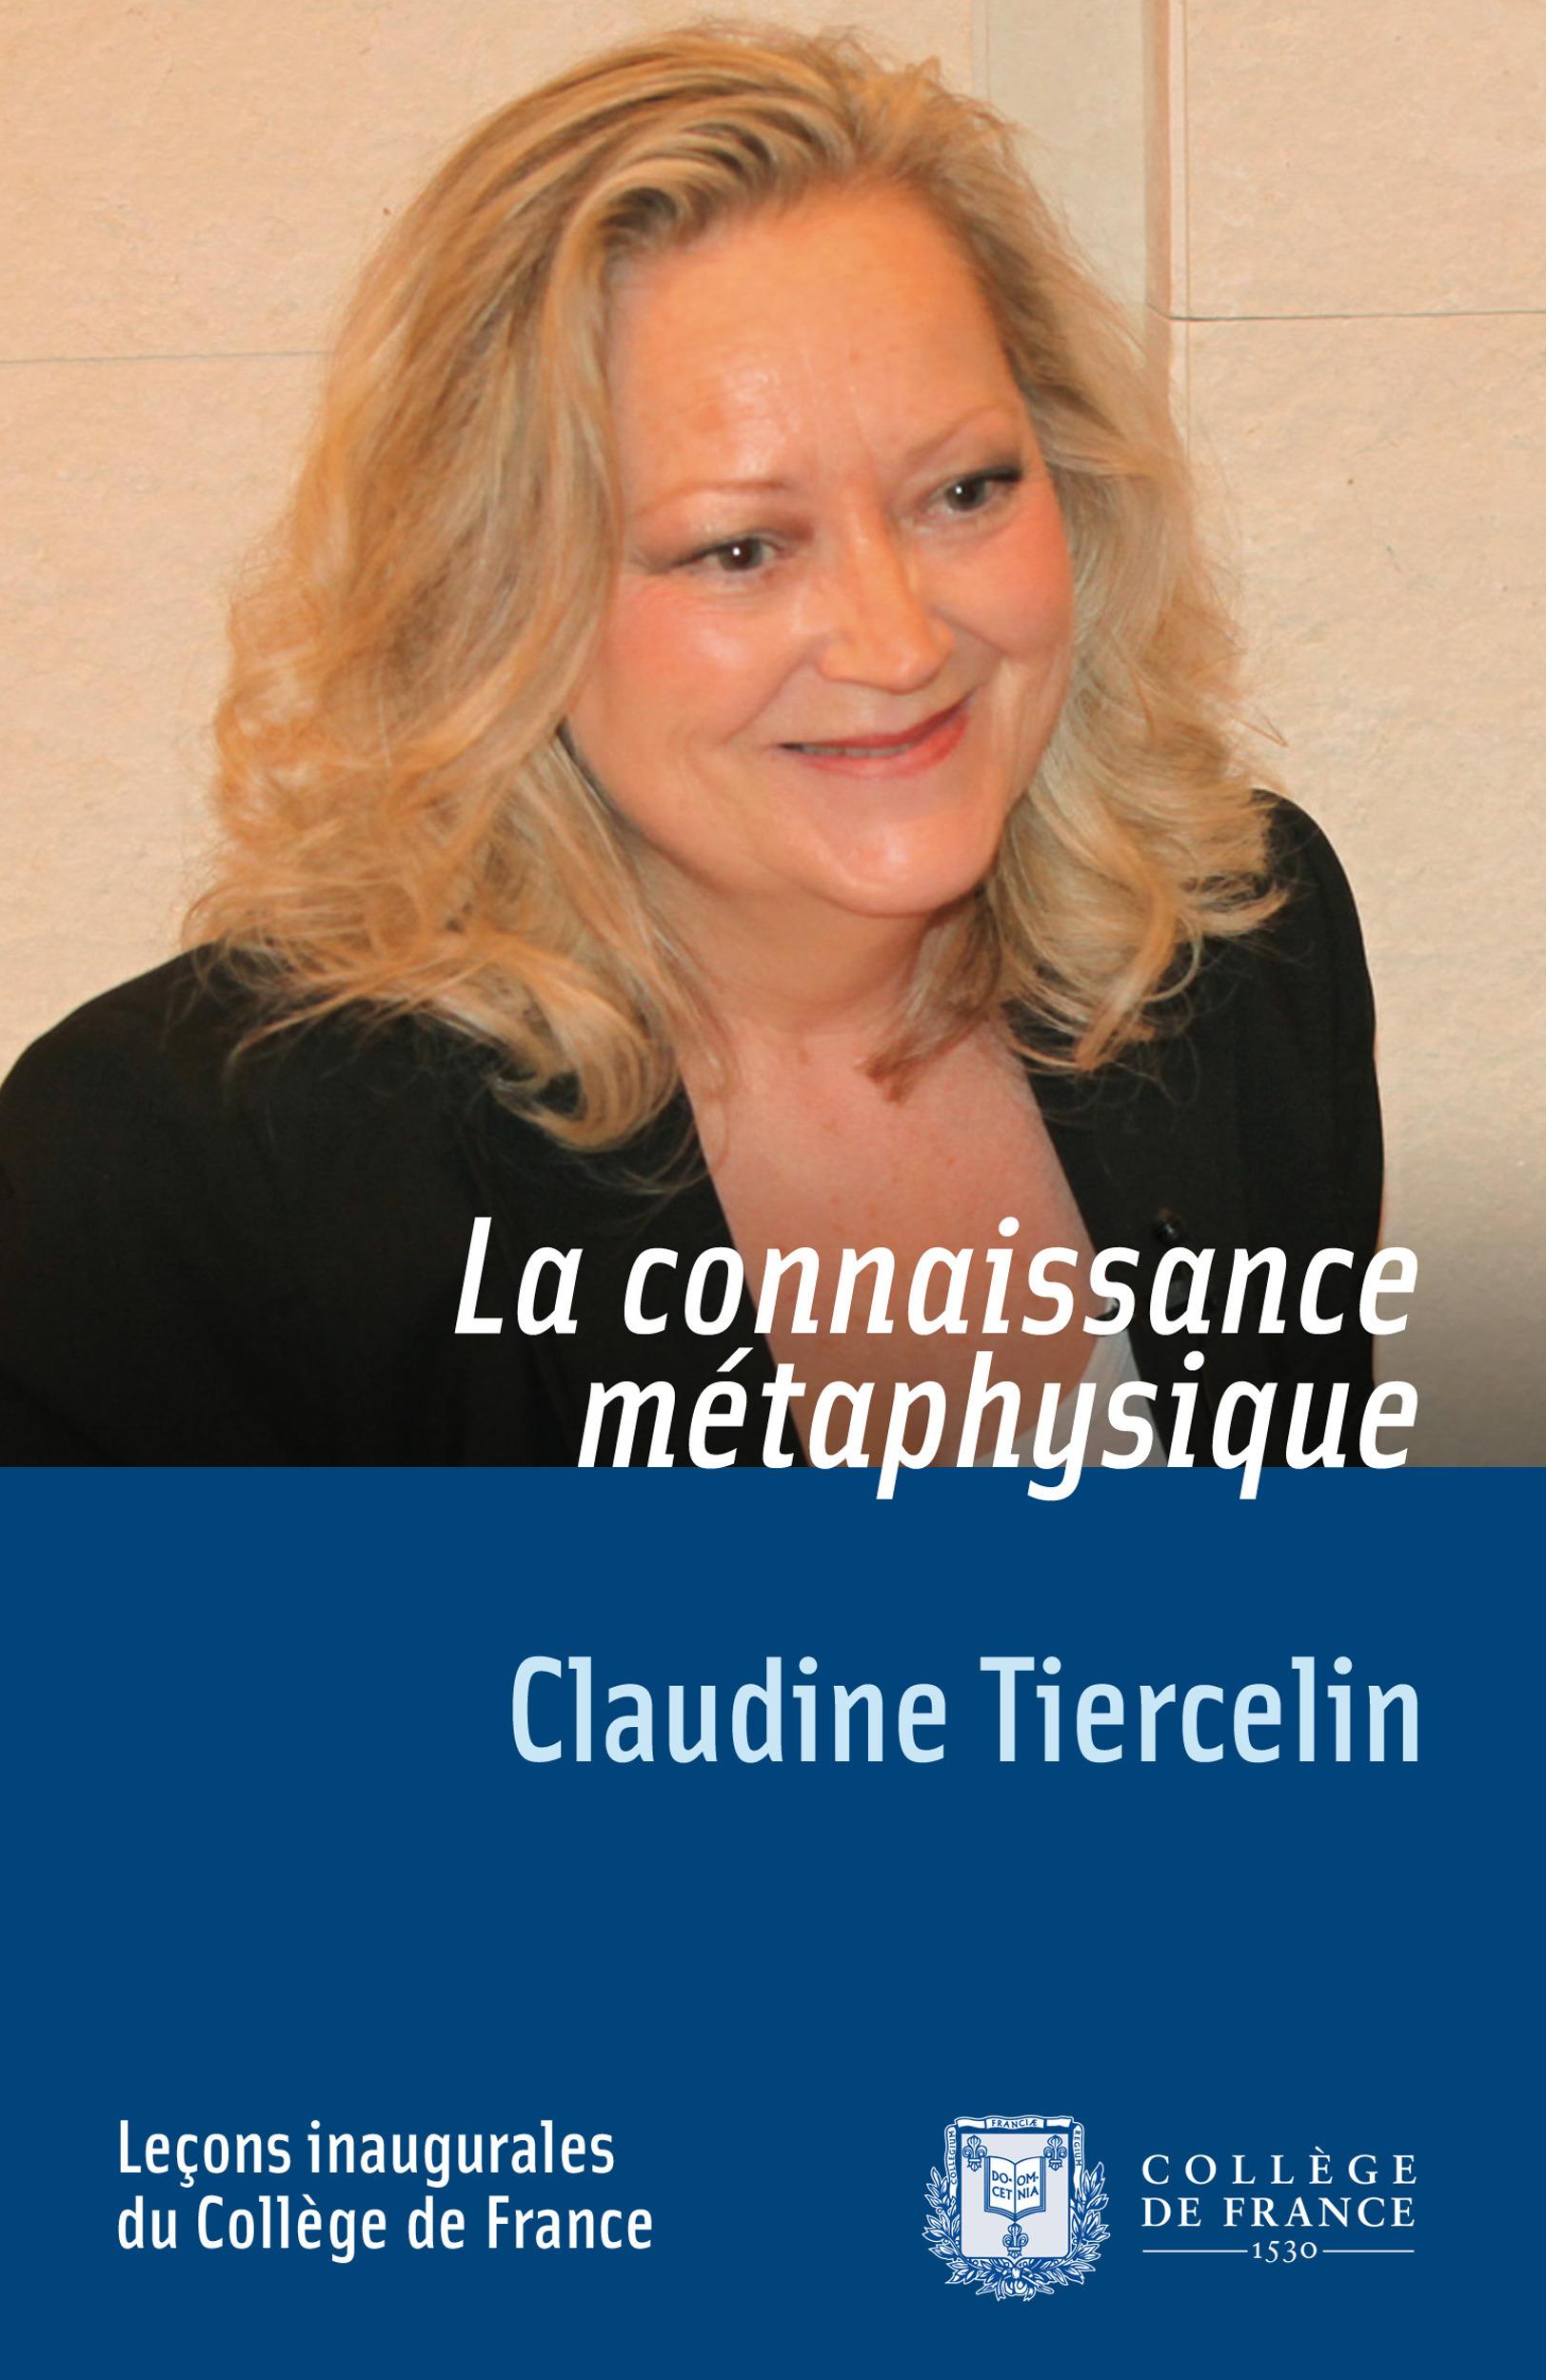 Claudine Tiercelin La connaissance métaphysique